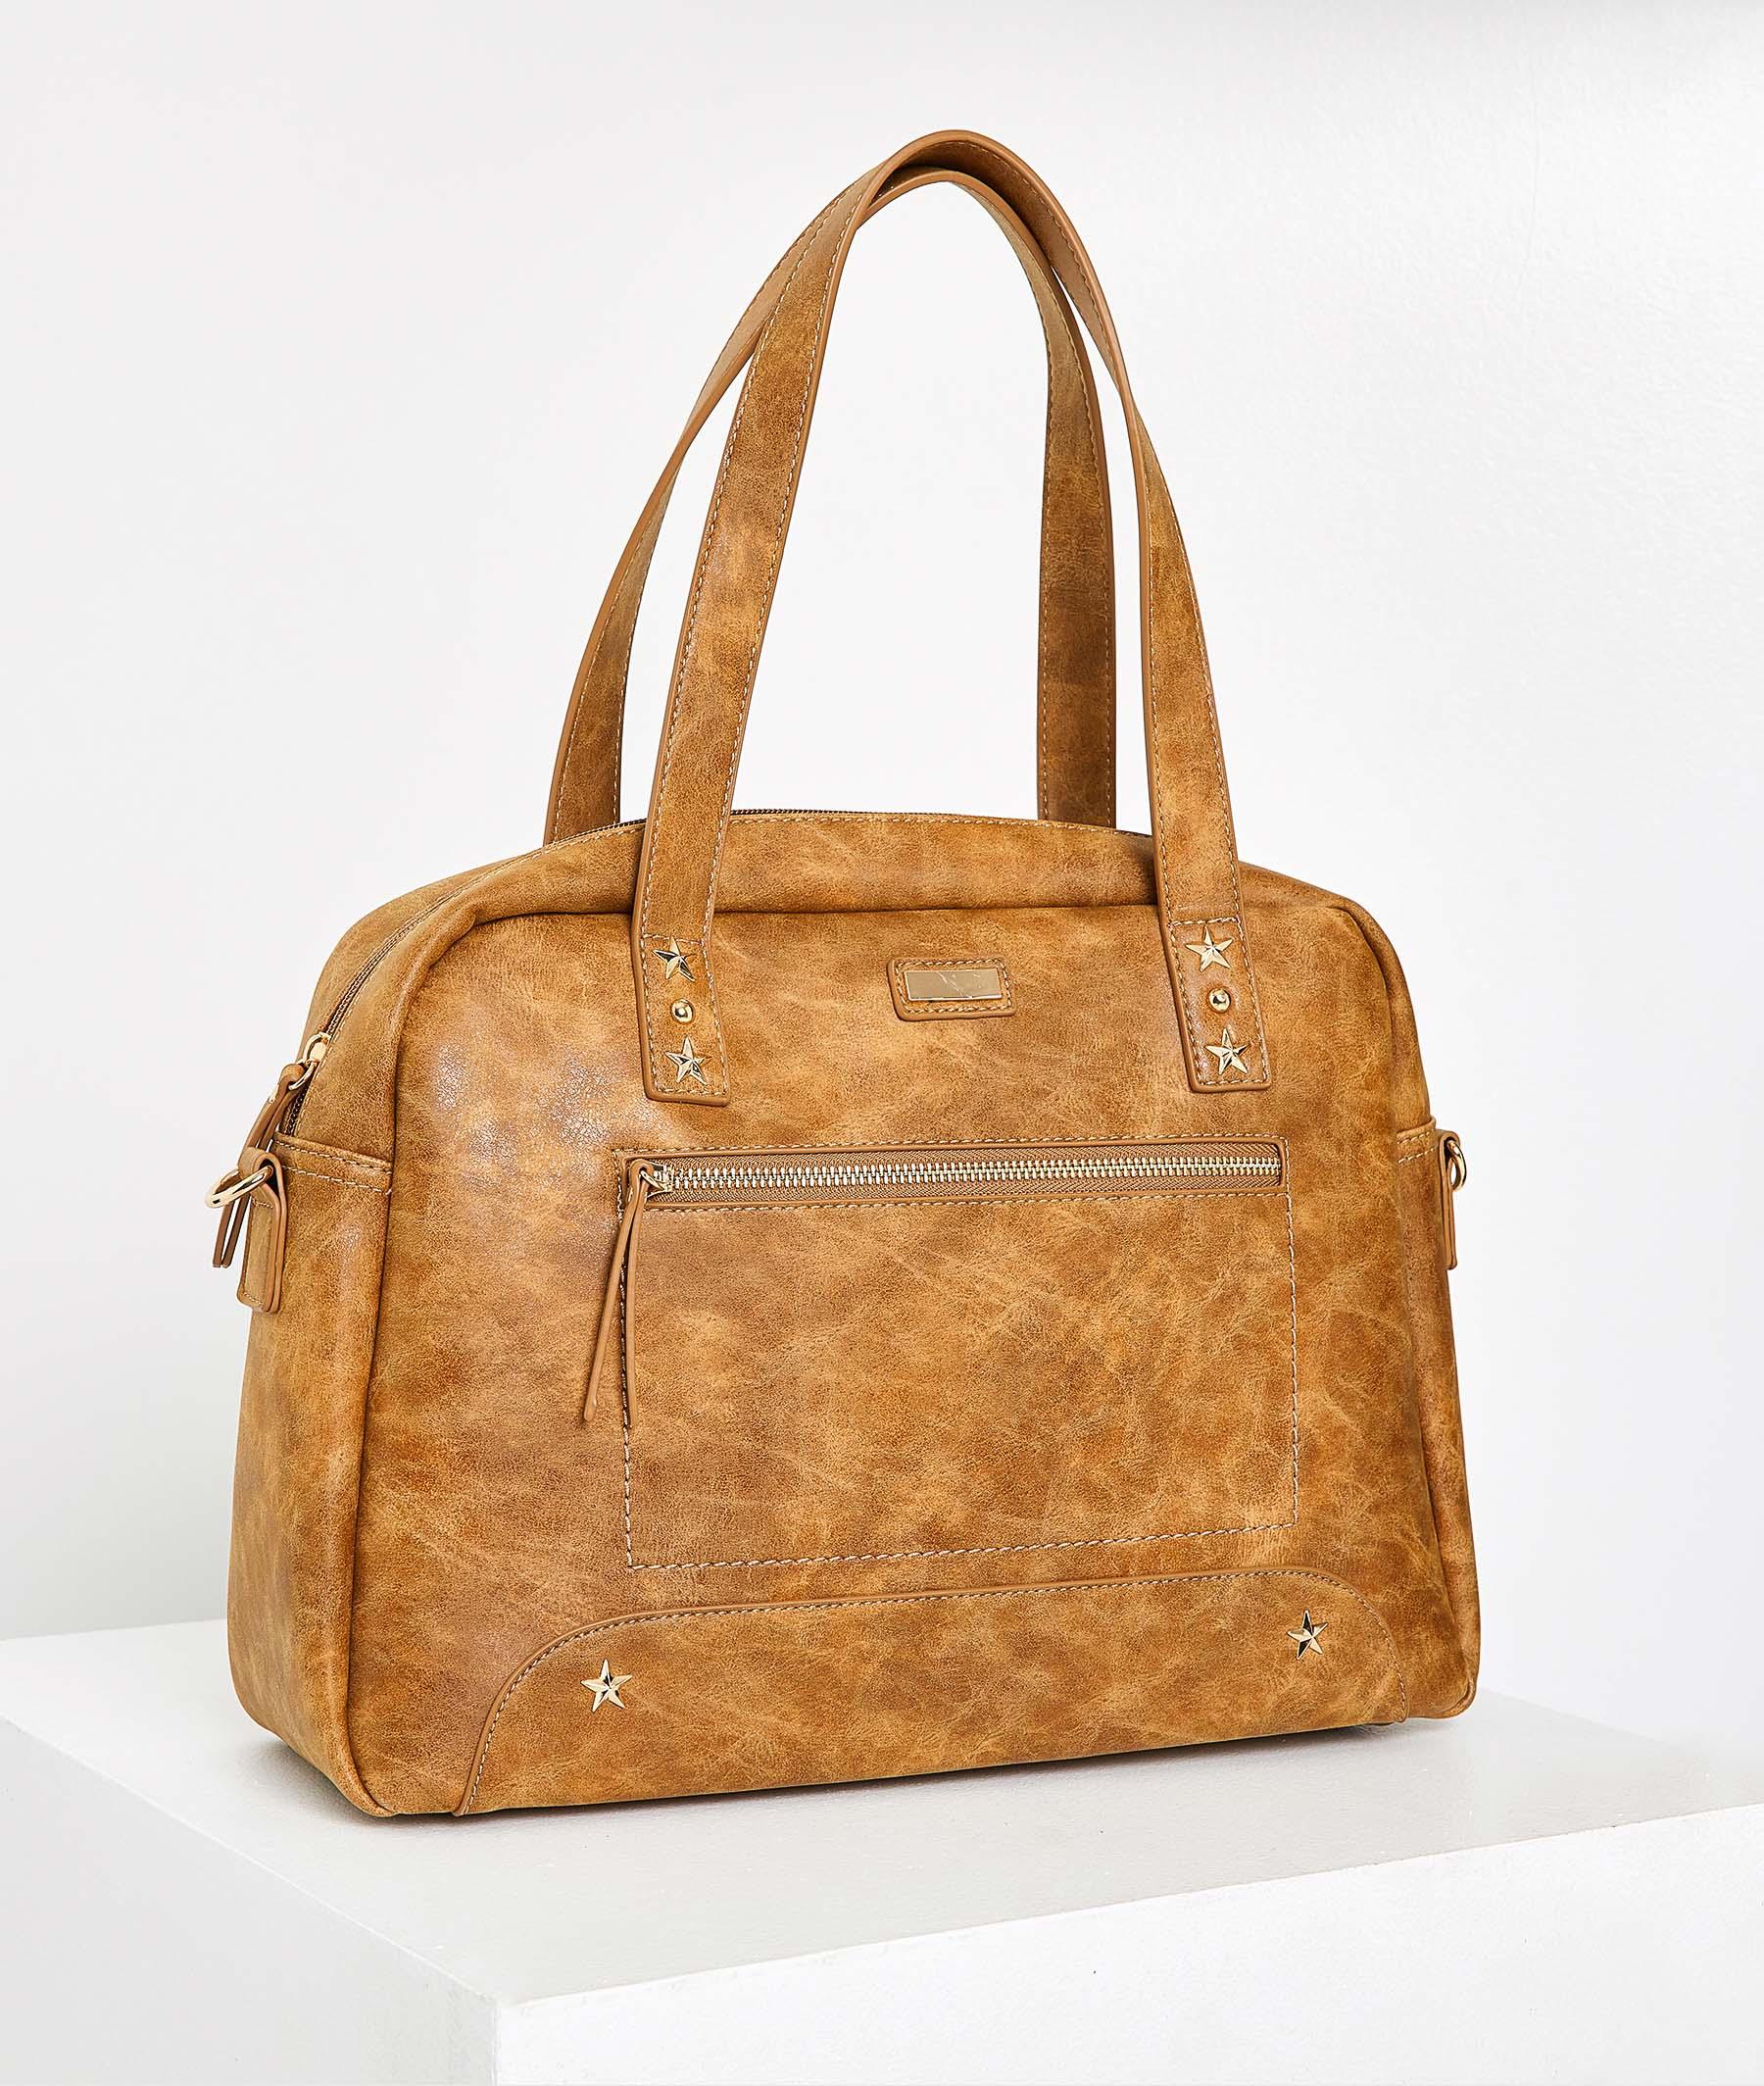 Grand sac en simili-cuir camel femme CAMEL